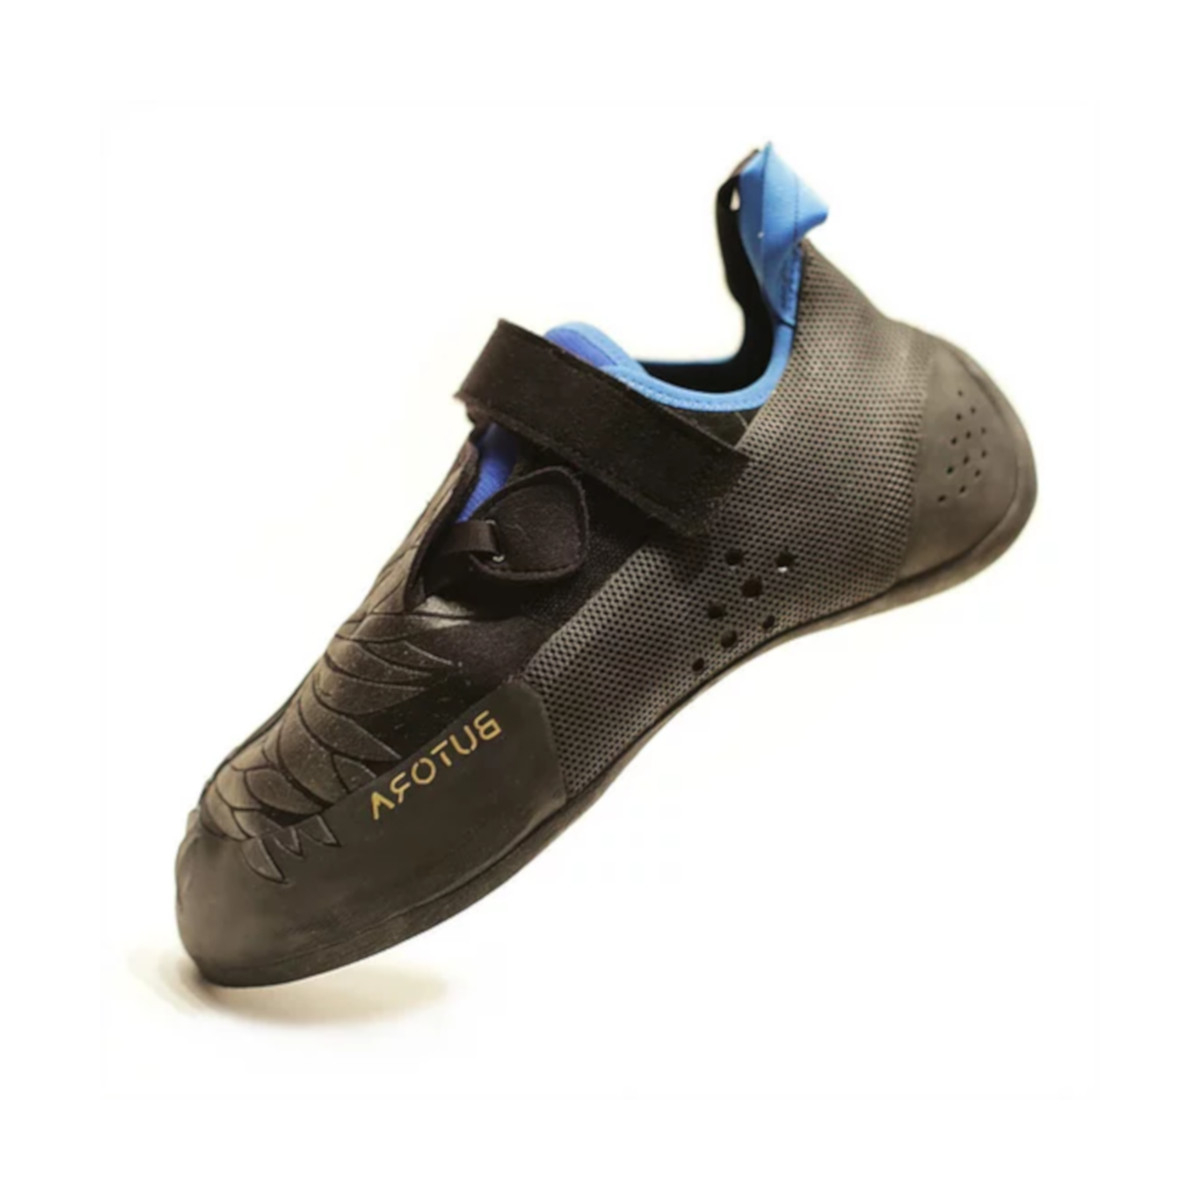 Butora Narsha (Narrow) Climbing Shoe